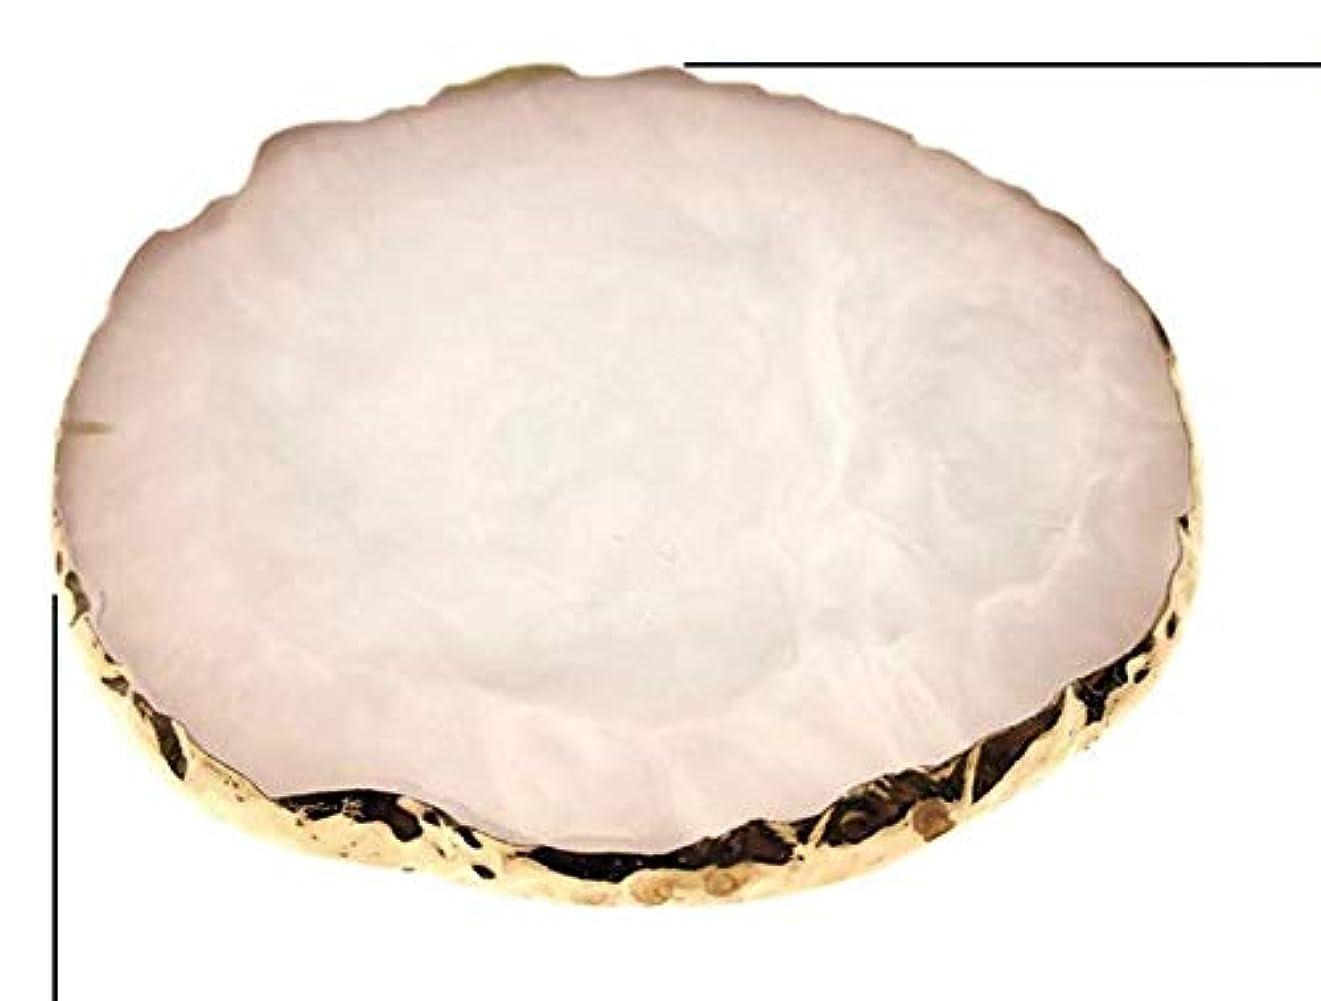 浸透するリサイクルする炭水化物Glitter Powderジェルネイル ホワイト ネイル ジェルネイル パレット プレート ディスプレイ 天然石風 展示用 アゲートプレート デコ アクセサリー ジェルネイル (ホワイト)